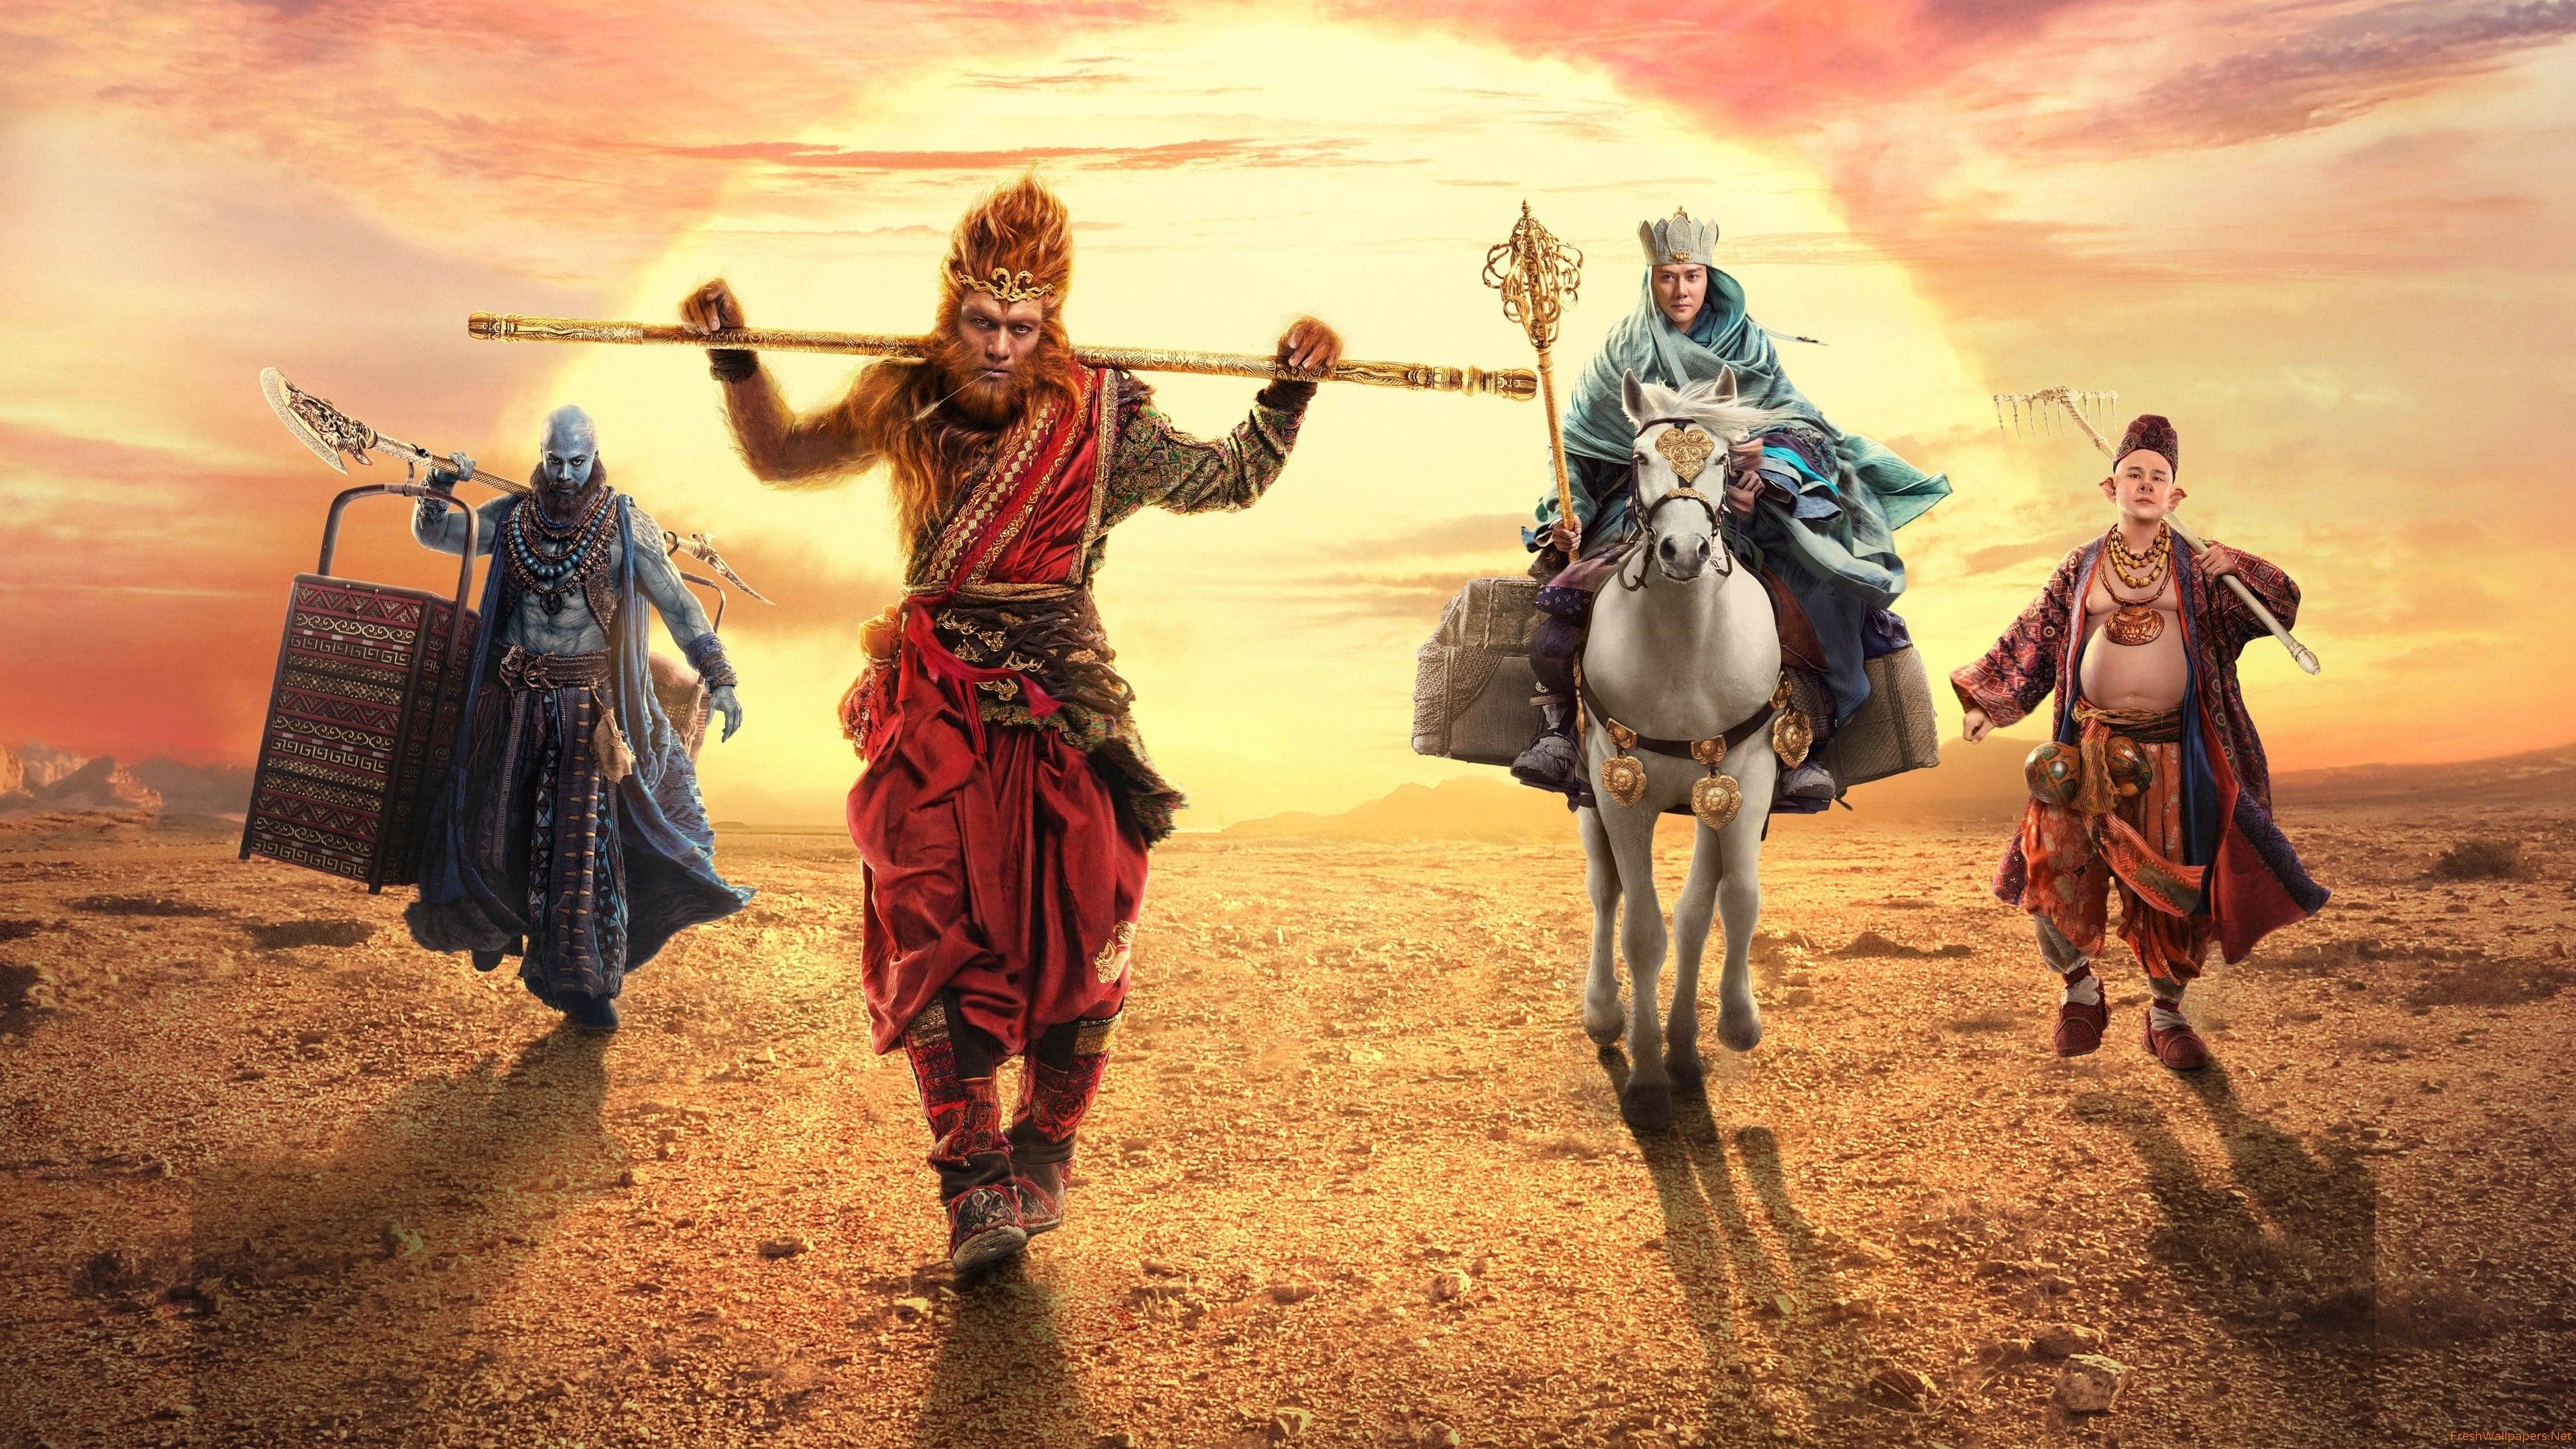 La leyenda del rey mono 2: Viaje al oeste